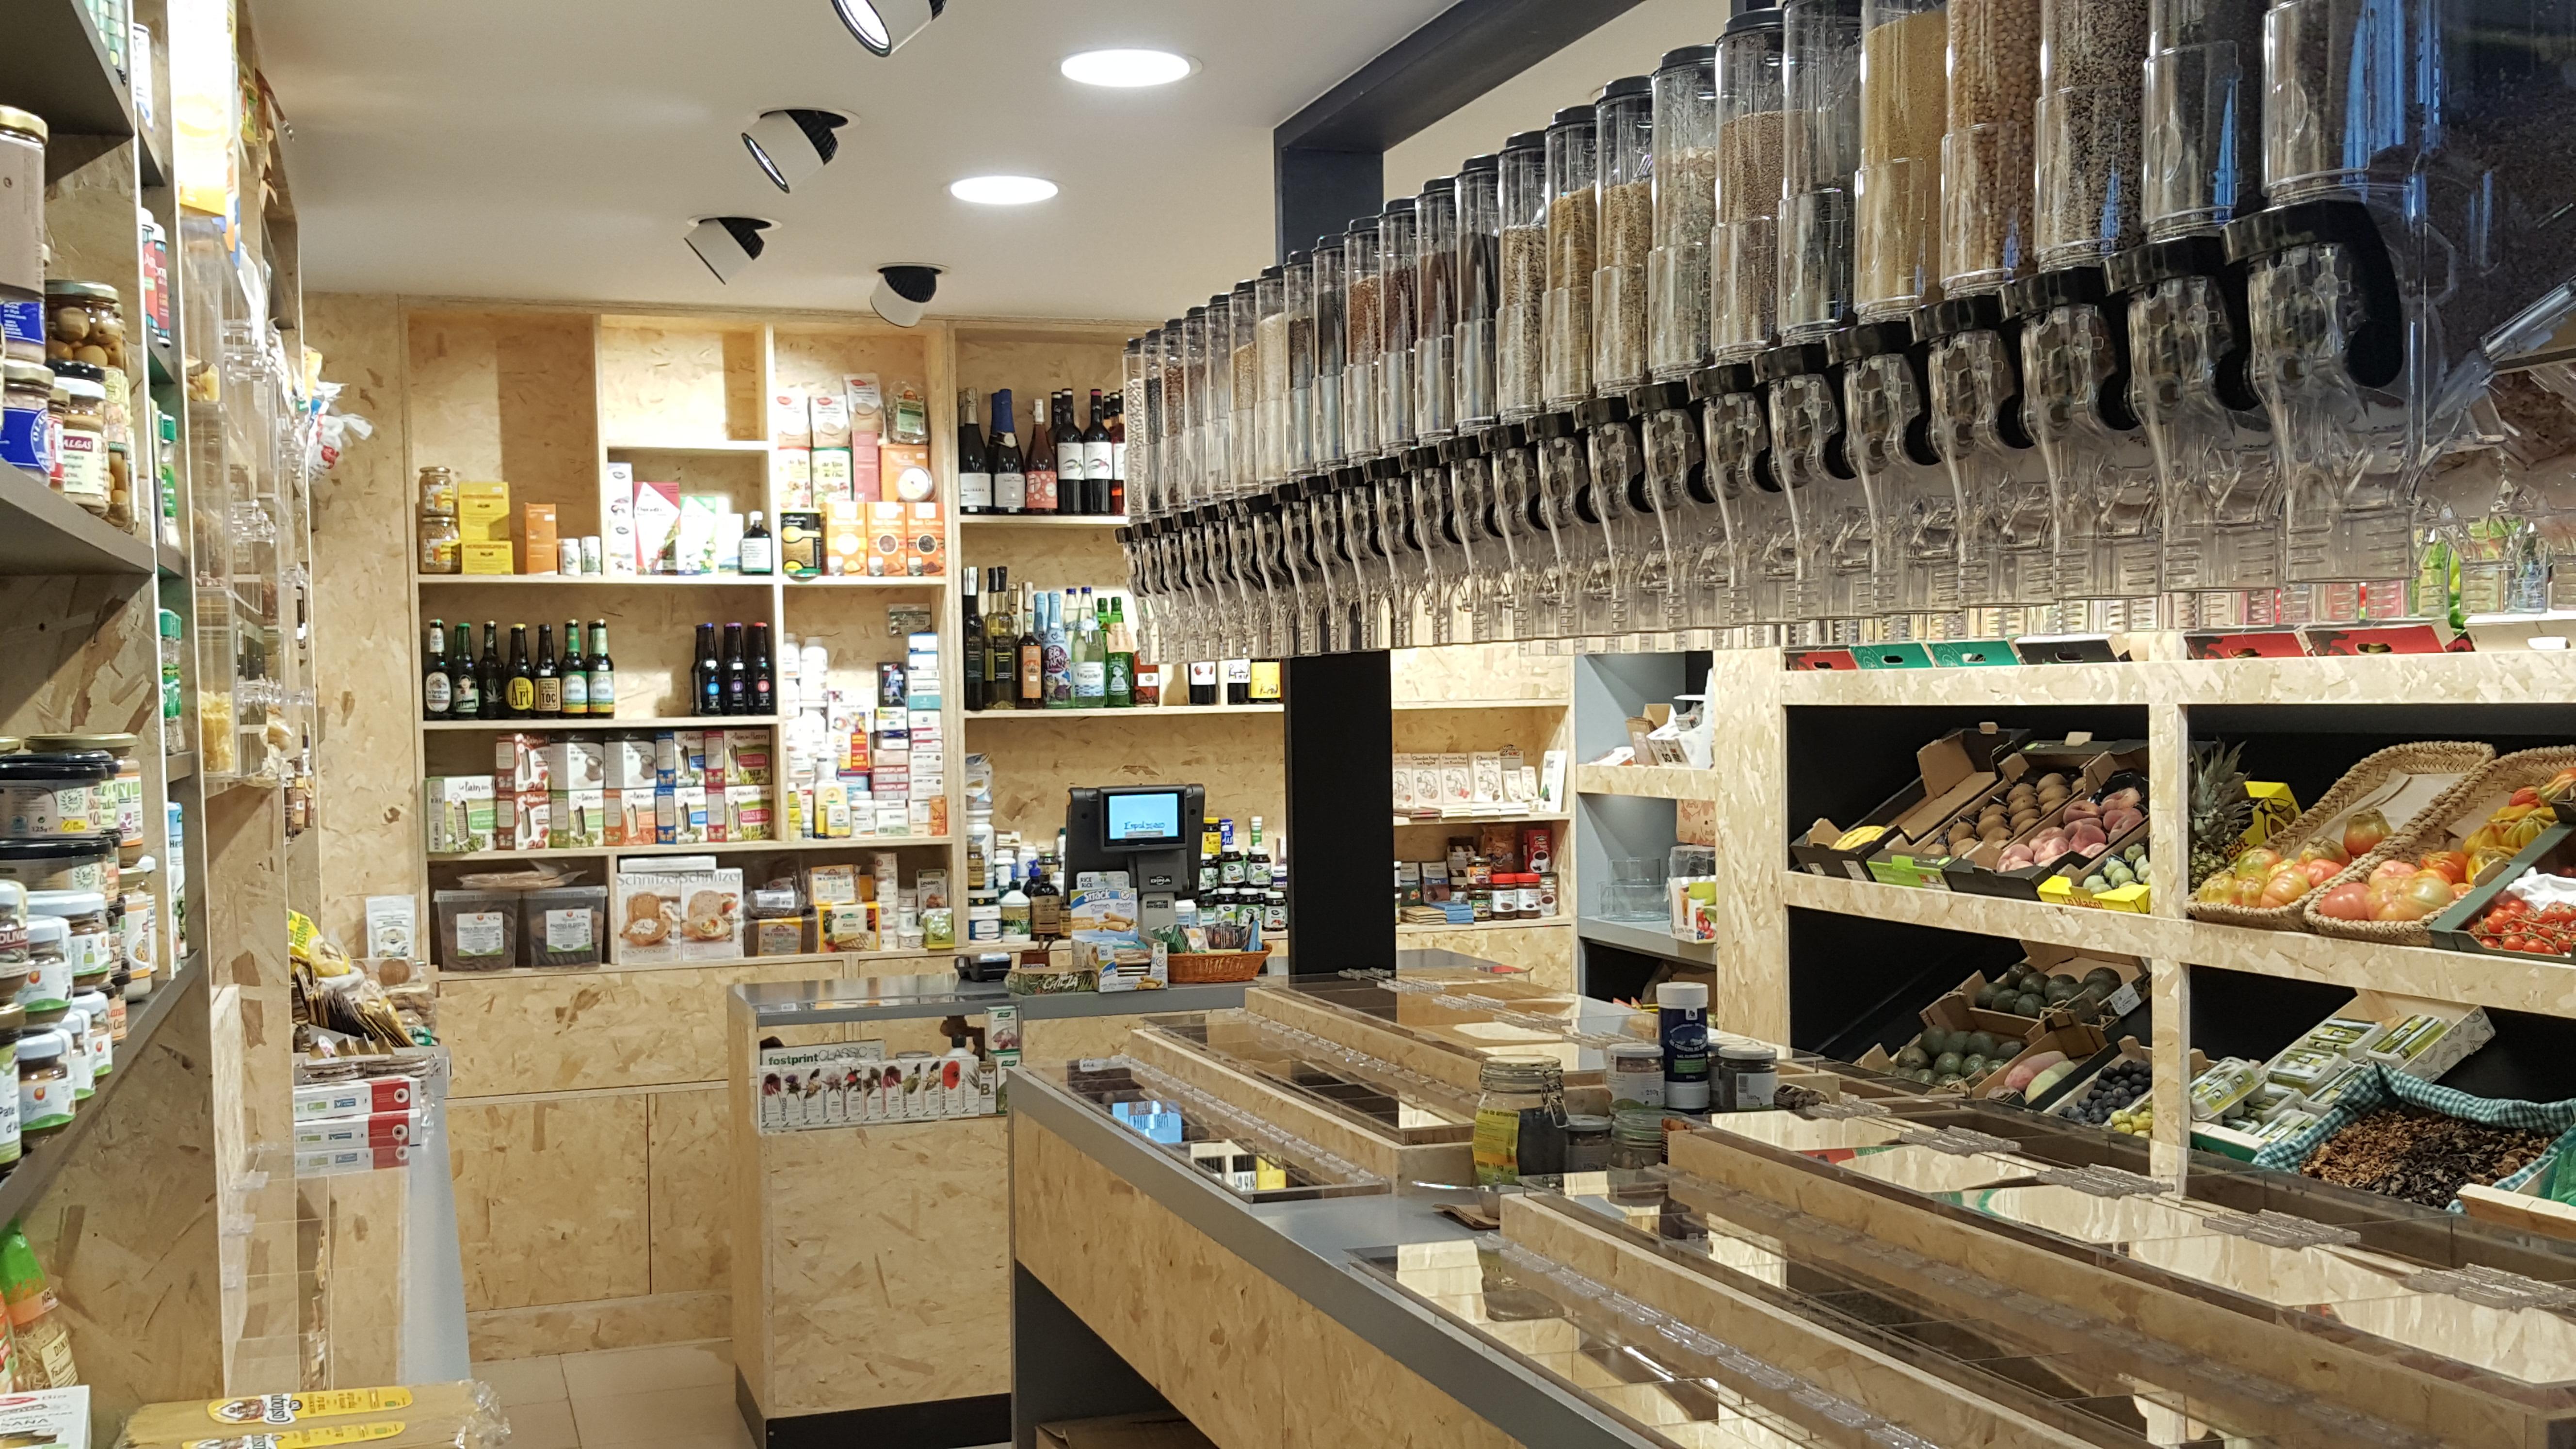 Tiendas Ecologicas En Barcelona. Fabulous Ecolgico La Tierra With ...